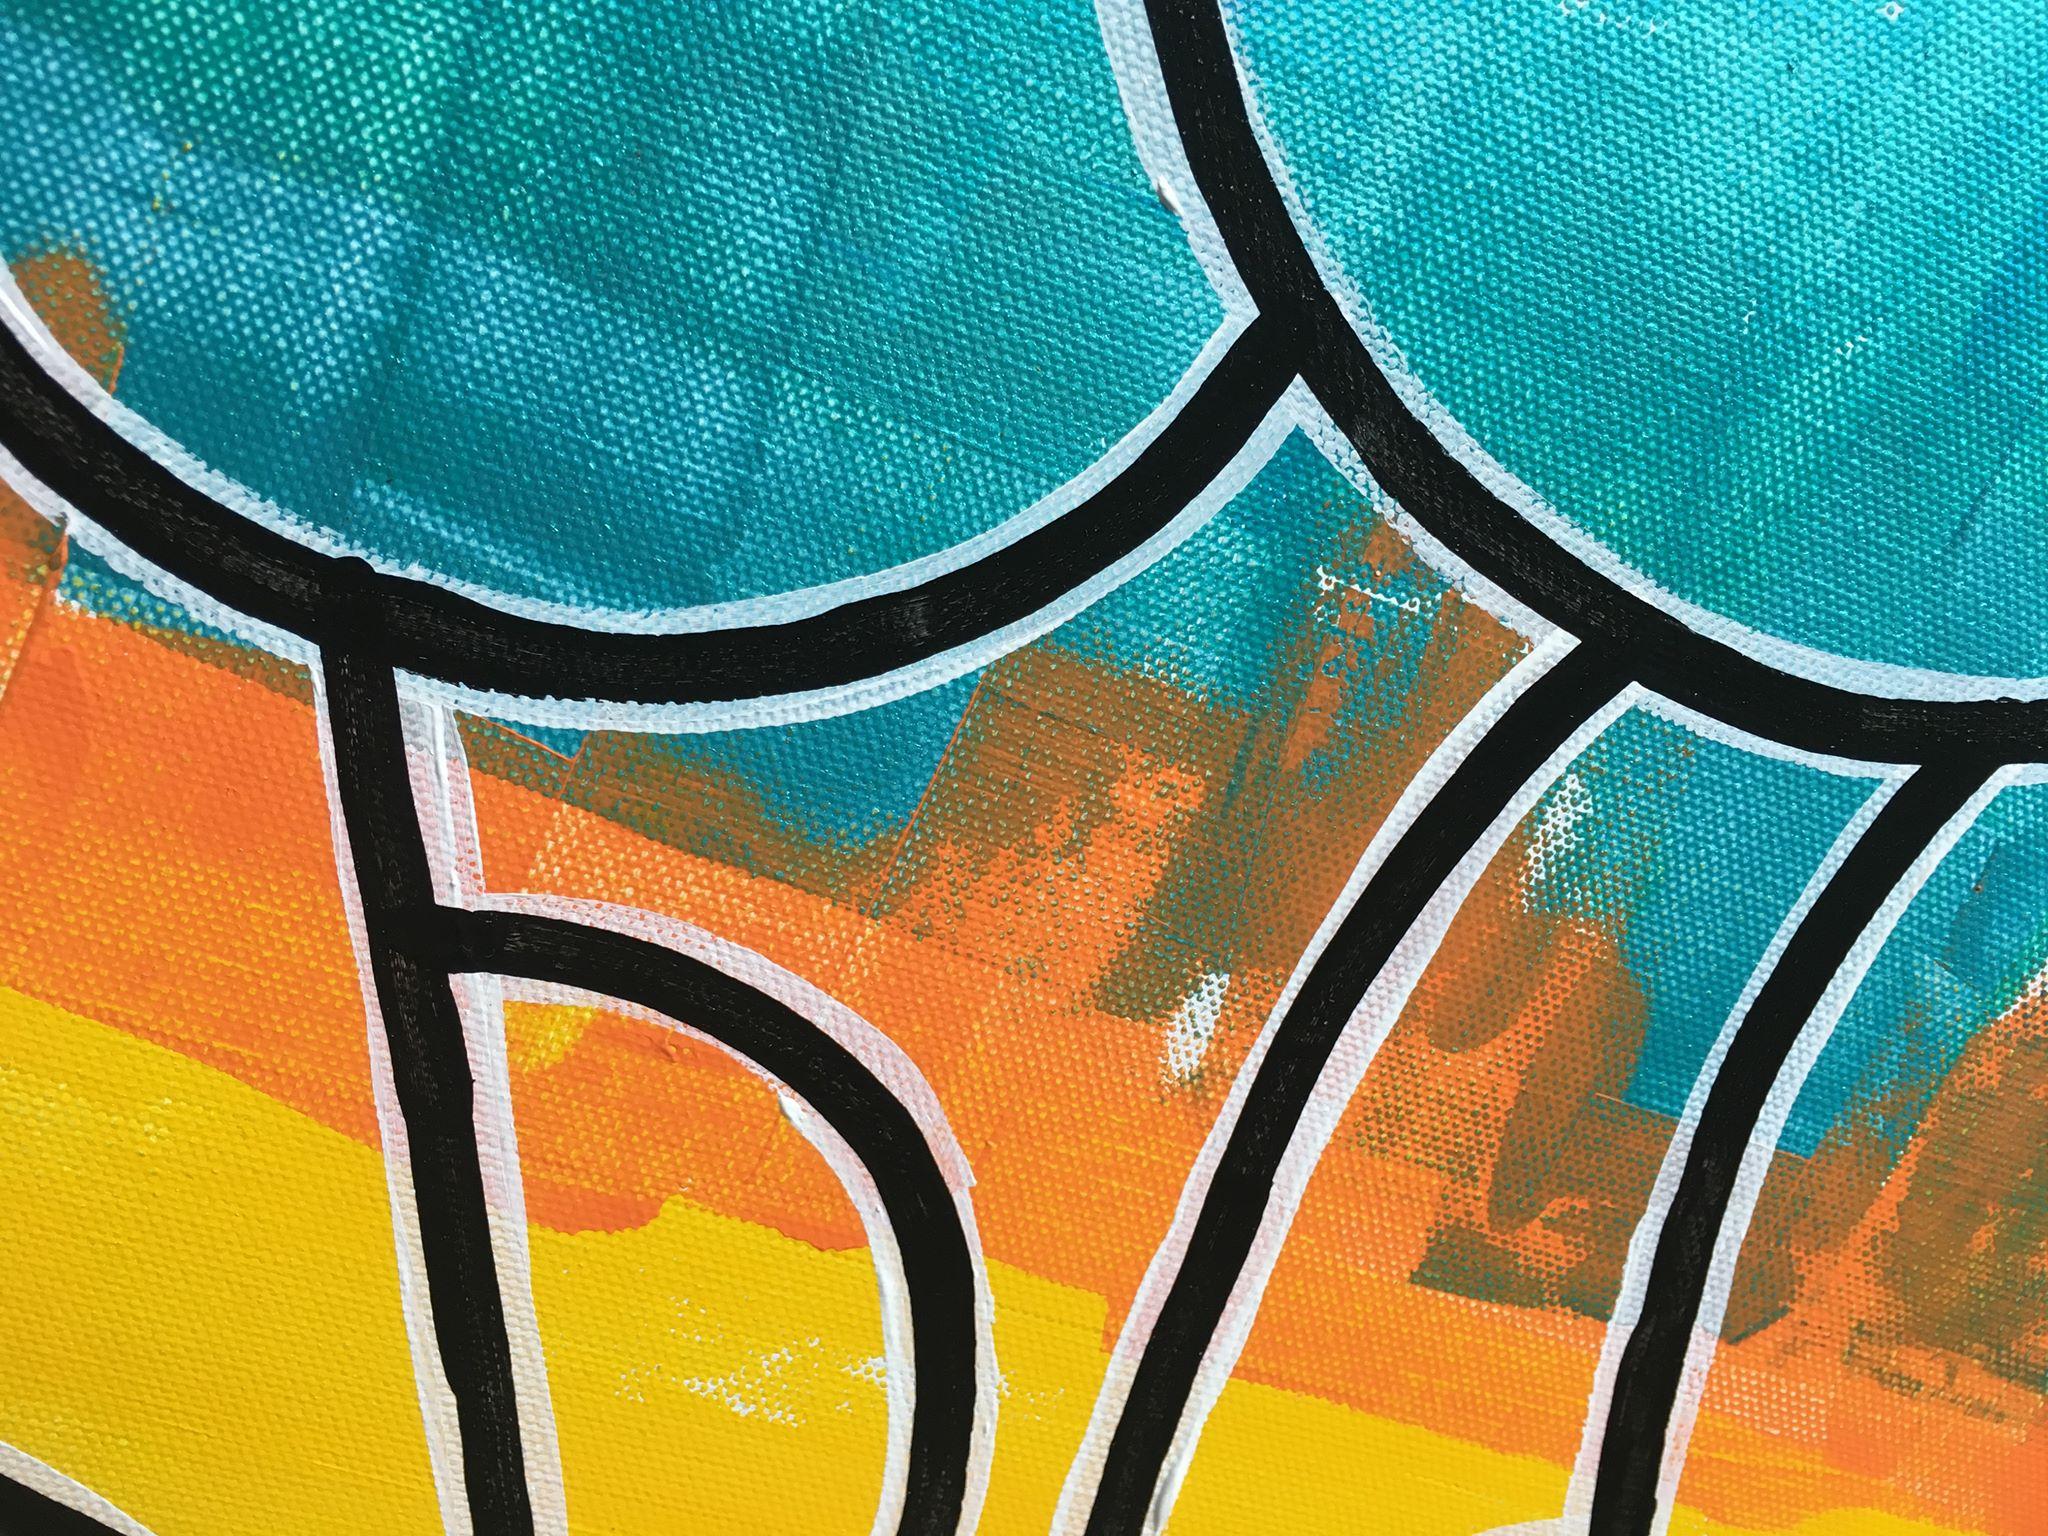 Närbild av målning gjord av Helsingborgskonstnärinnan C.Brüggmann. Vacker konst att pryda ditt hem med.